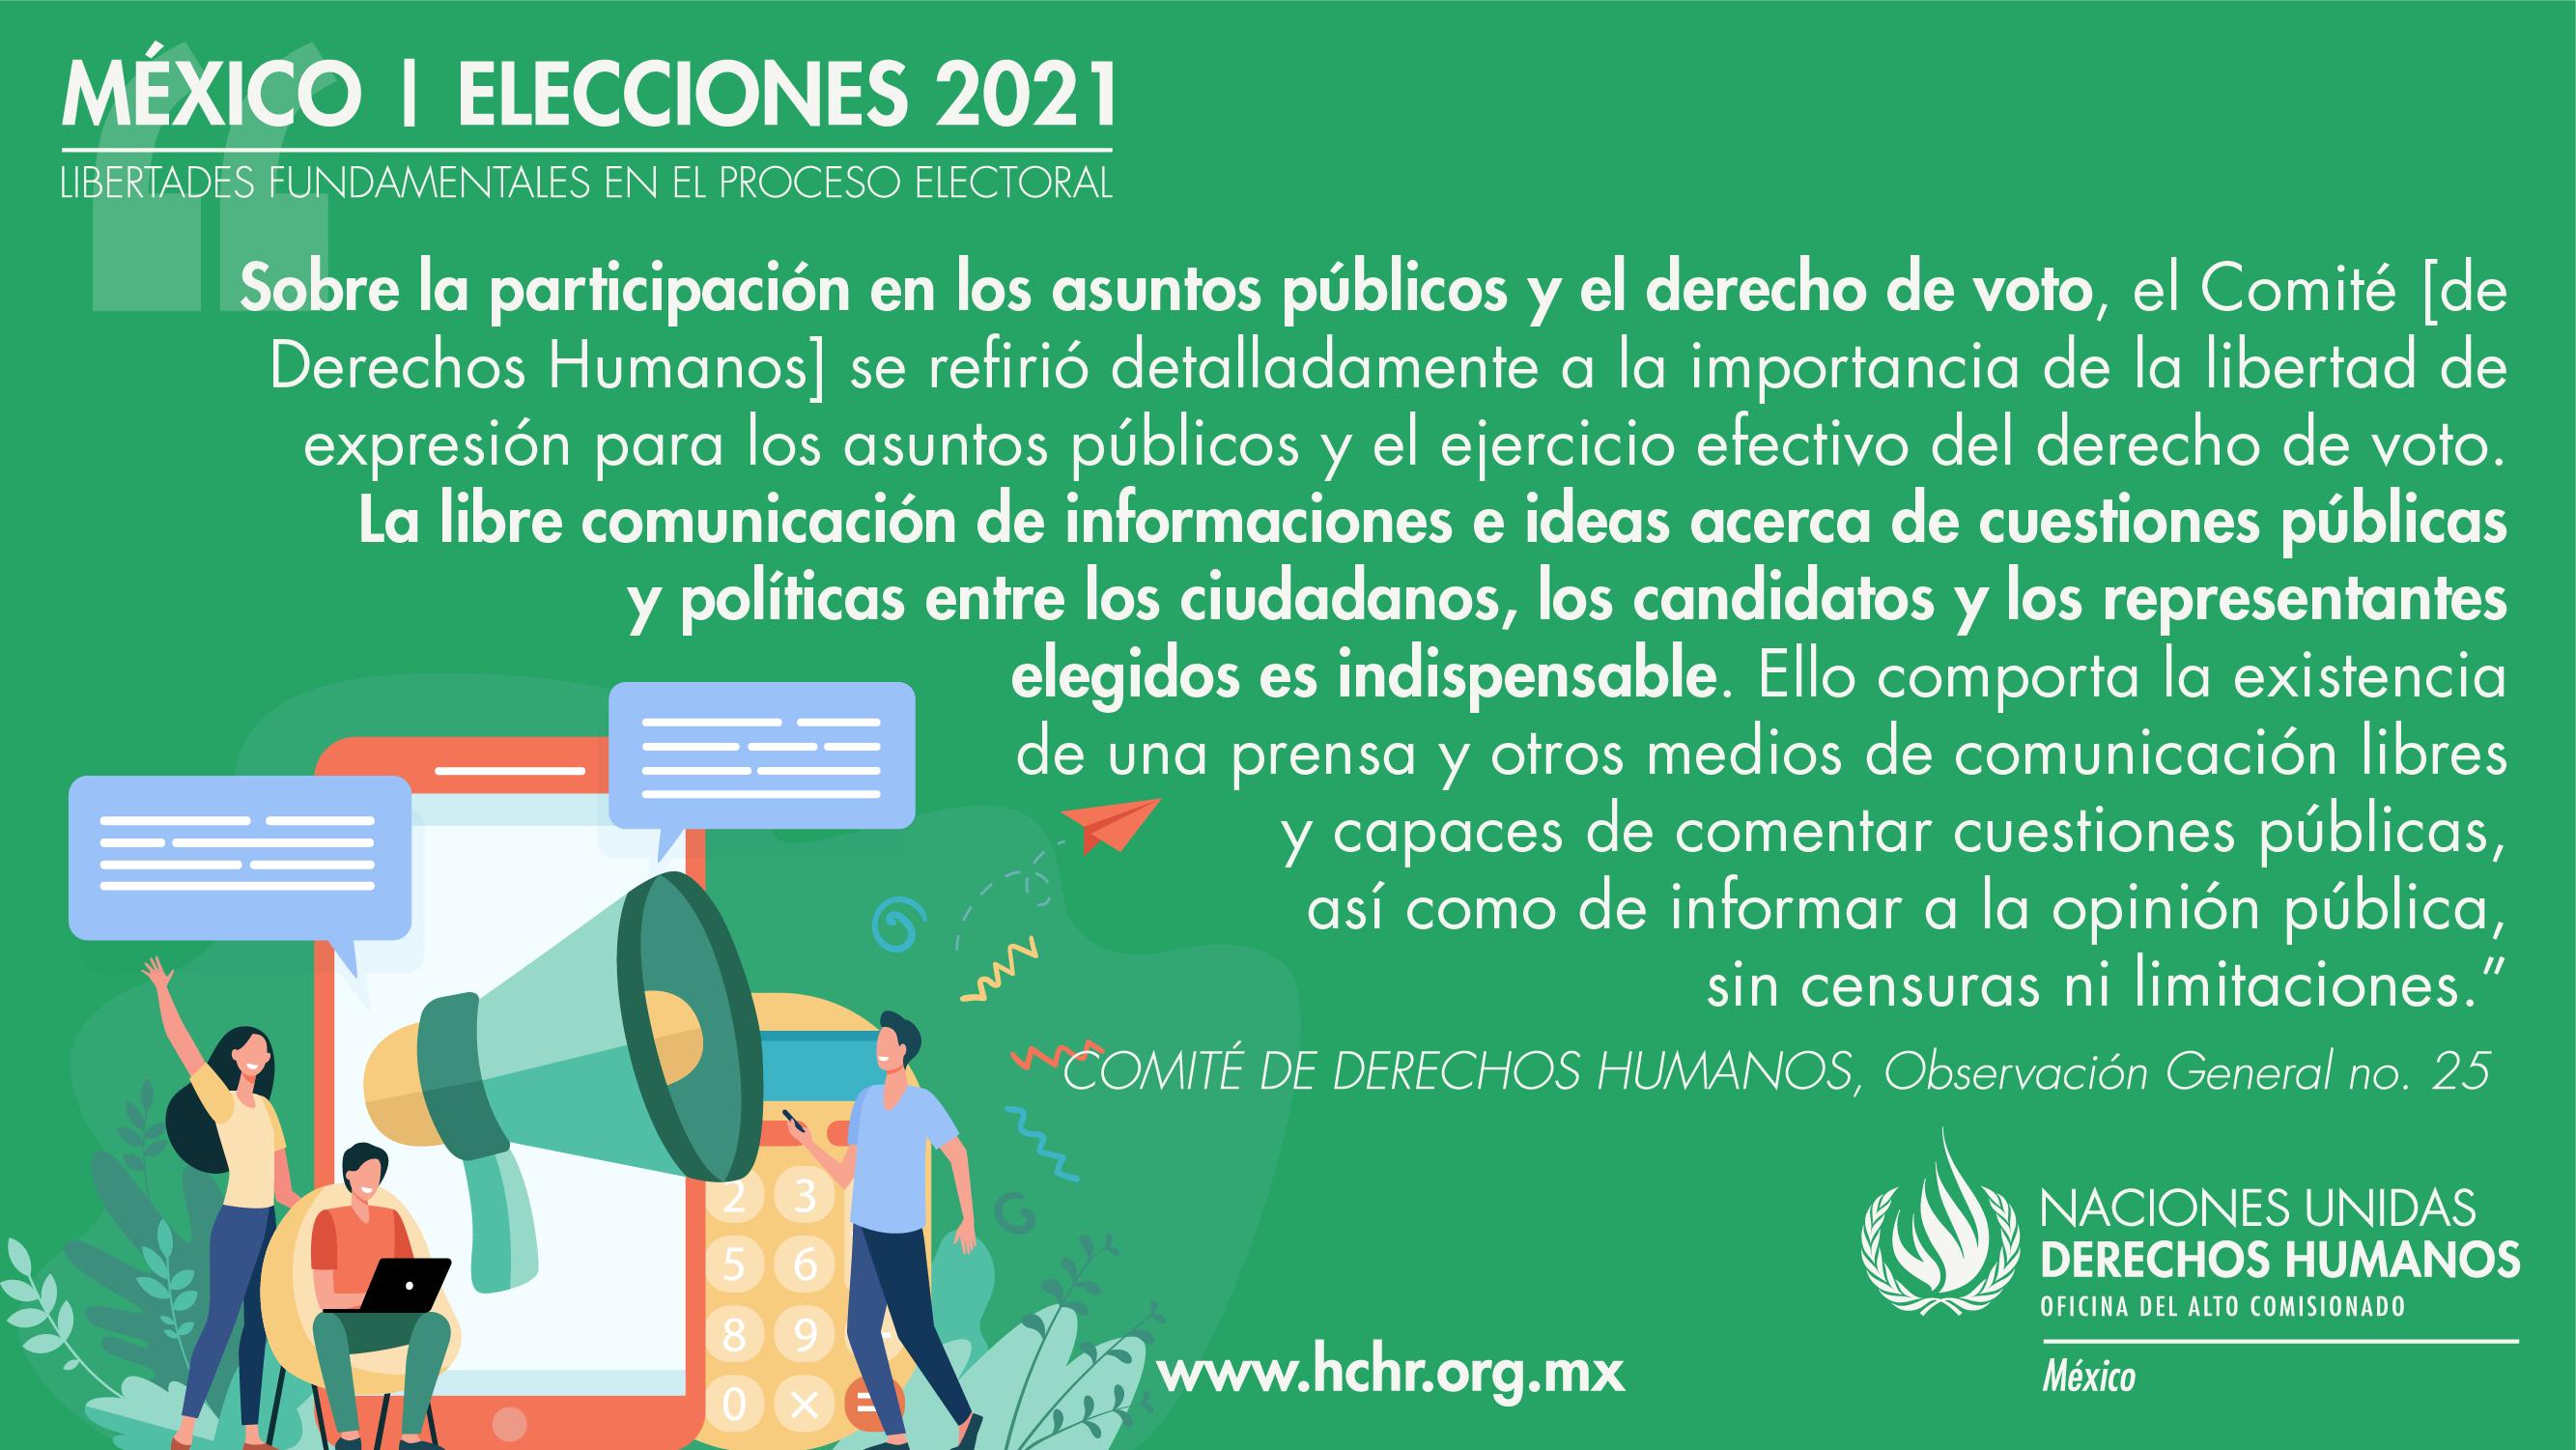 YA_Postales_EstándaresDH_Elecciones_Mesa de trabajo 1 copia 9